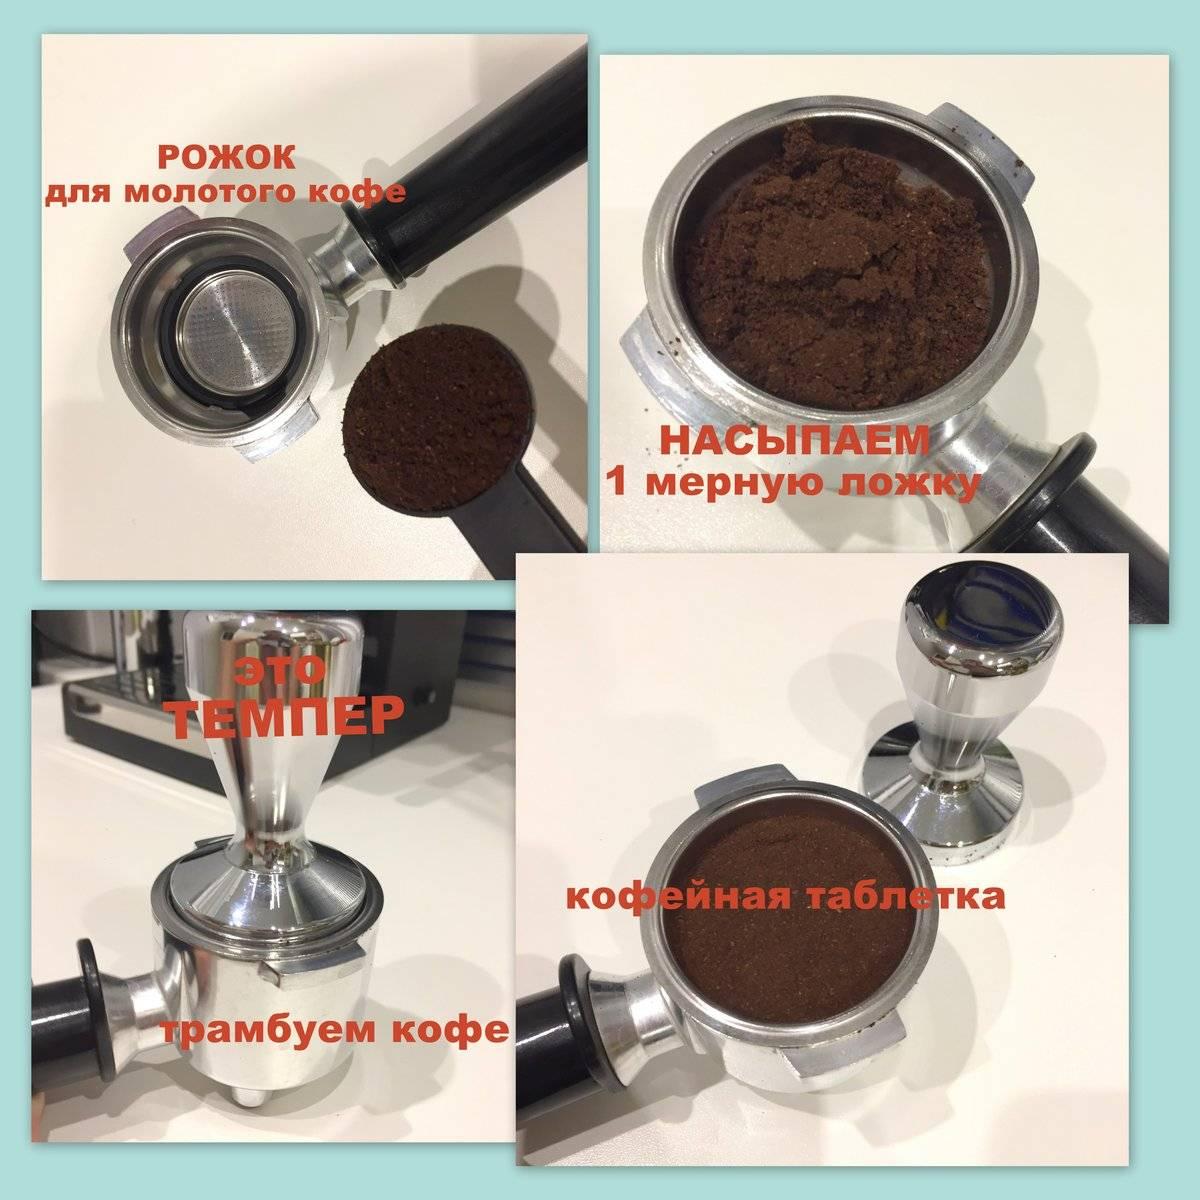 Сколько грамм кофе в чайной ложке? | infoeda.com